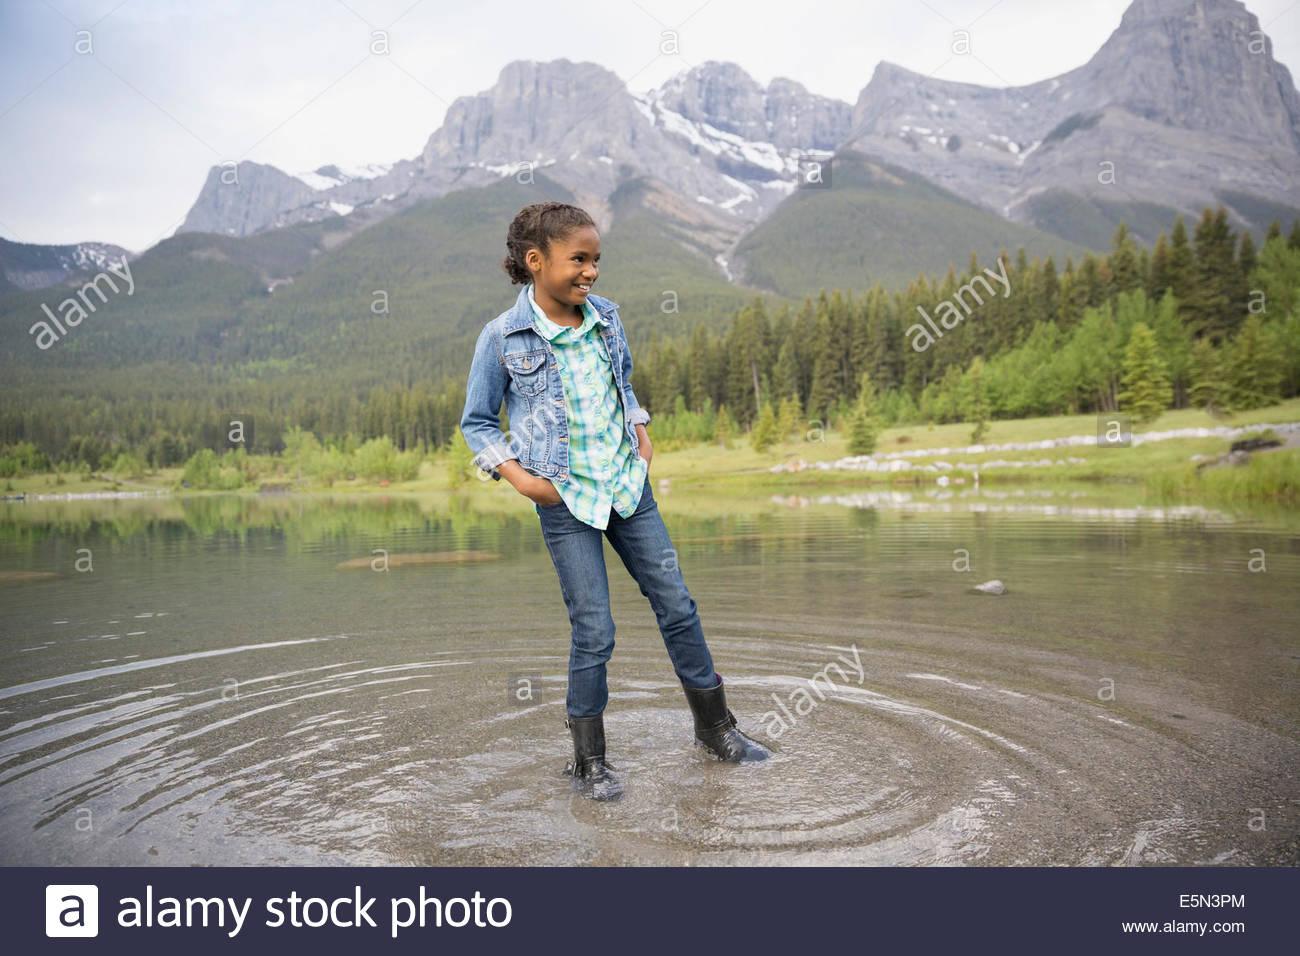 Fille jouant dans le lac avec les montagnes en arrière-plan Photo Stock